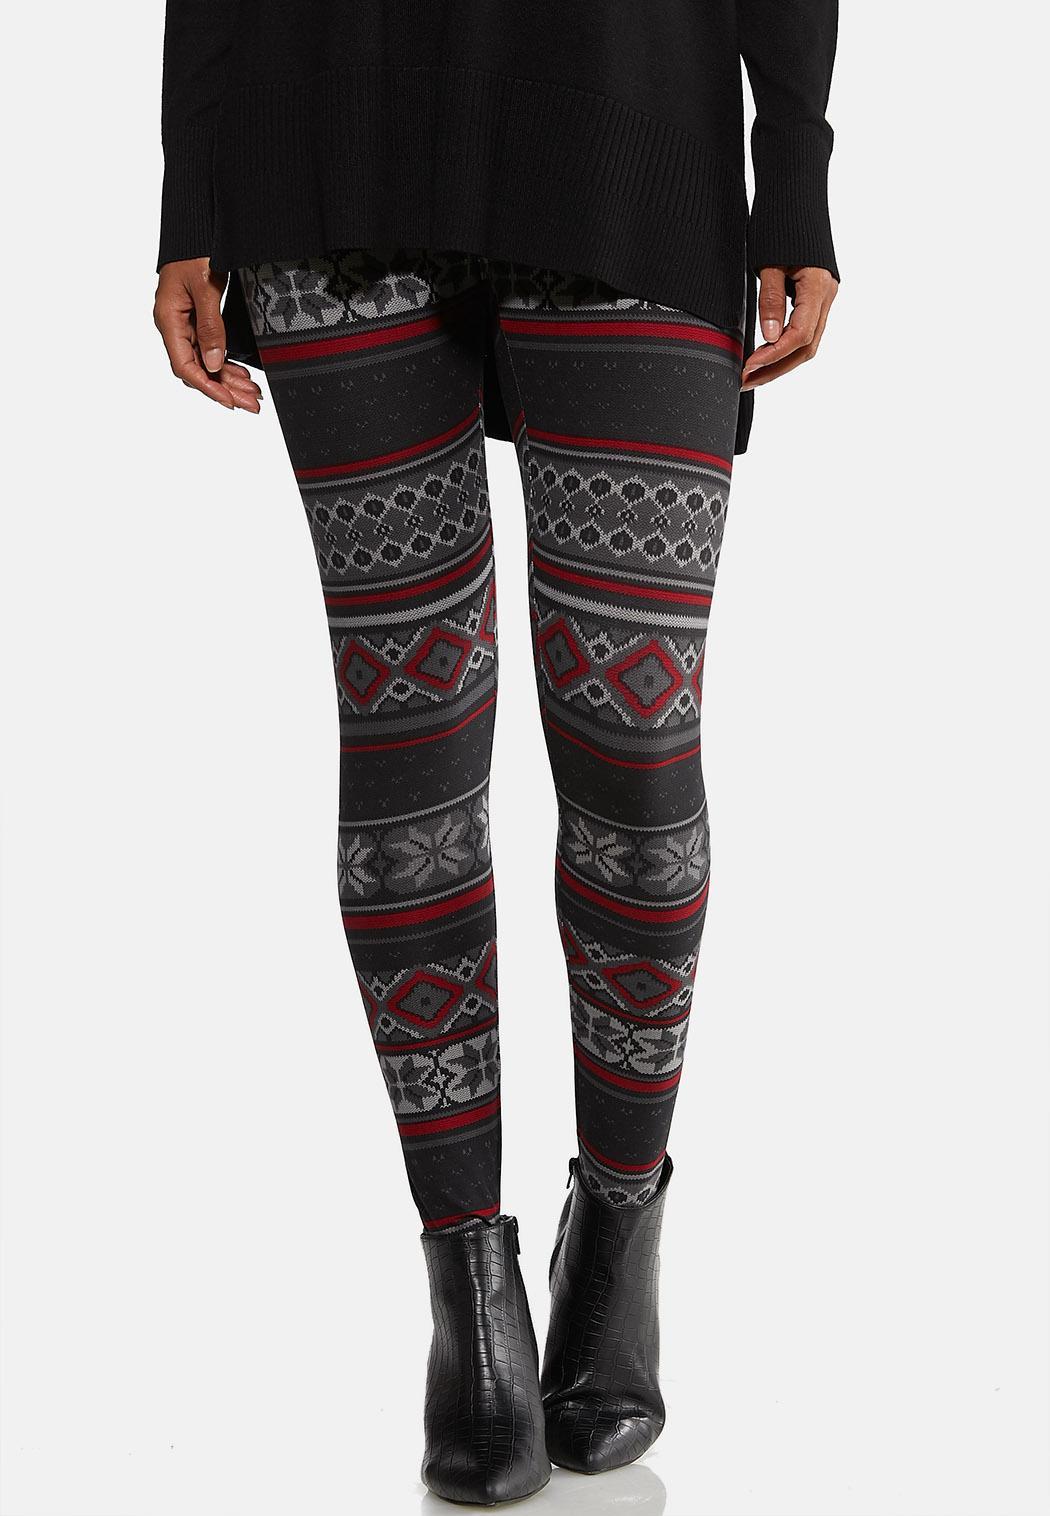 Festive Knit Leggings